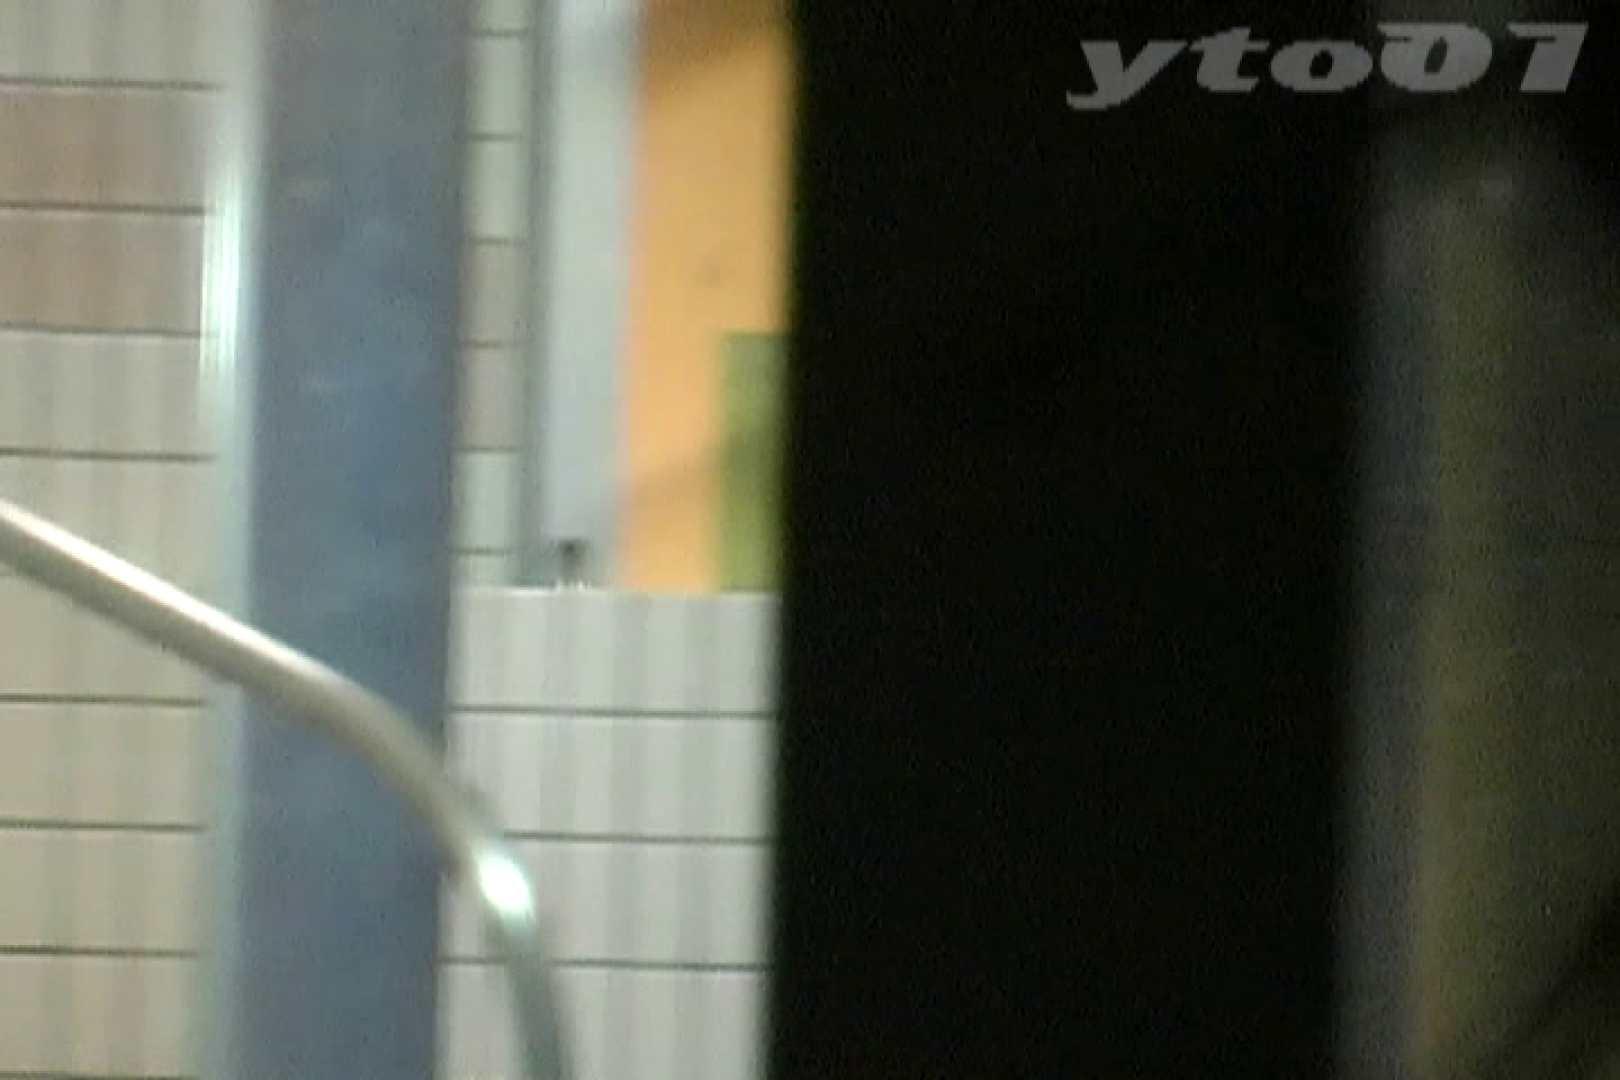 ▲復活限定▲合宿ホテル女風呂盗撮 Vol.06 合宿 エロ画像 85pic 13